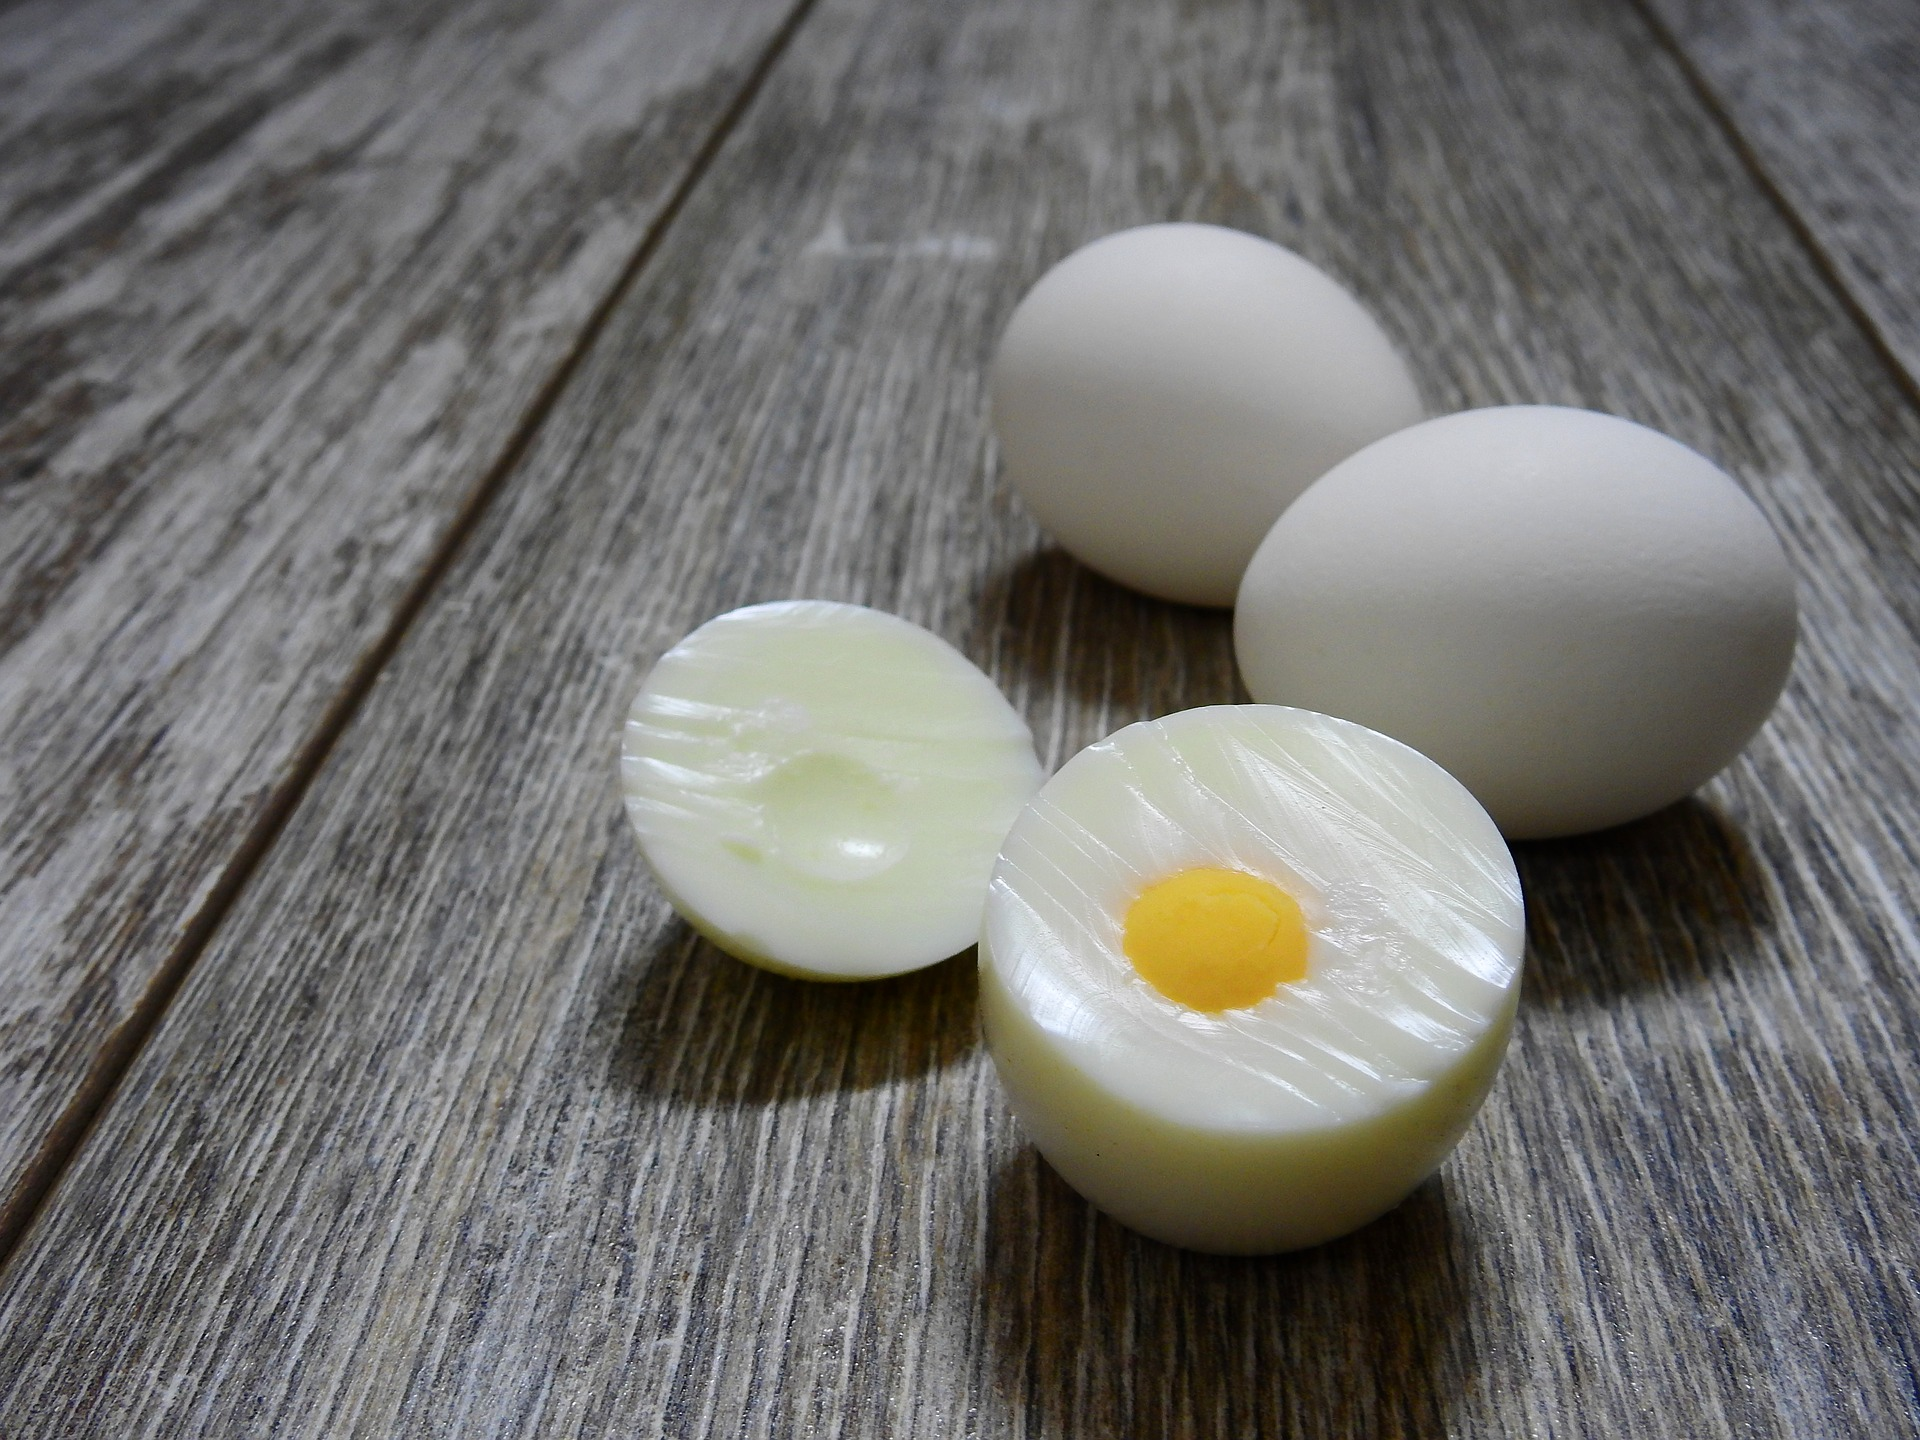 Das Weisse vom Ei